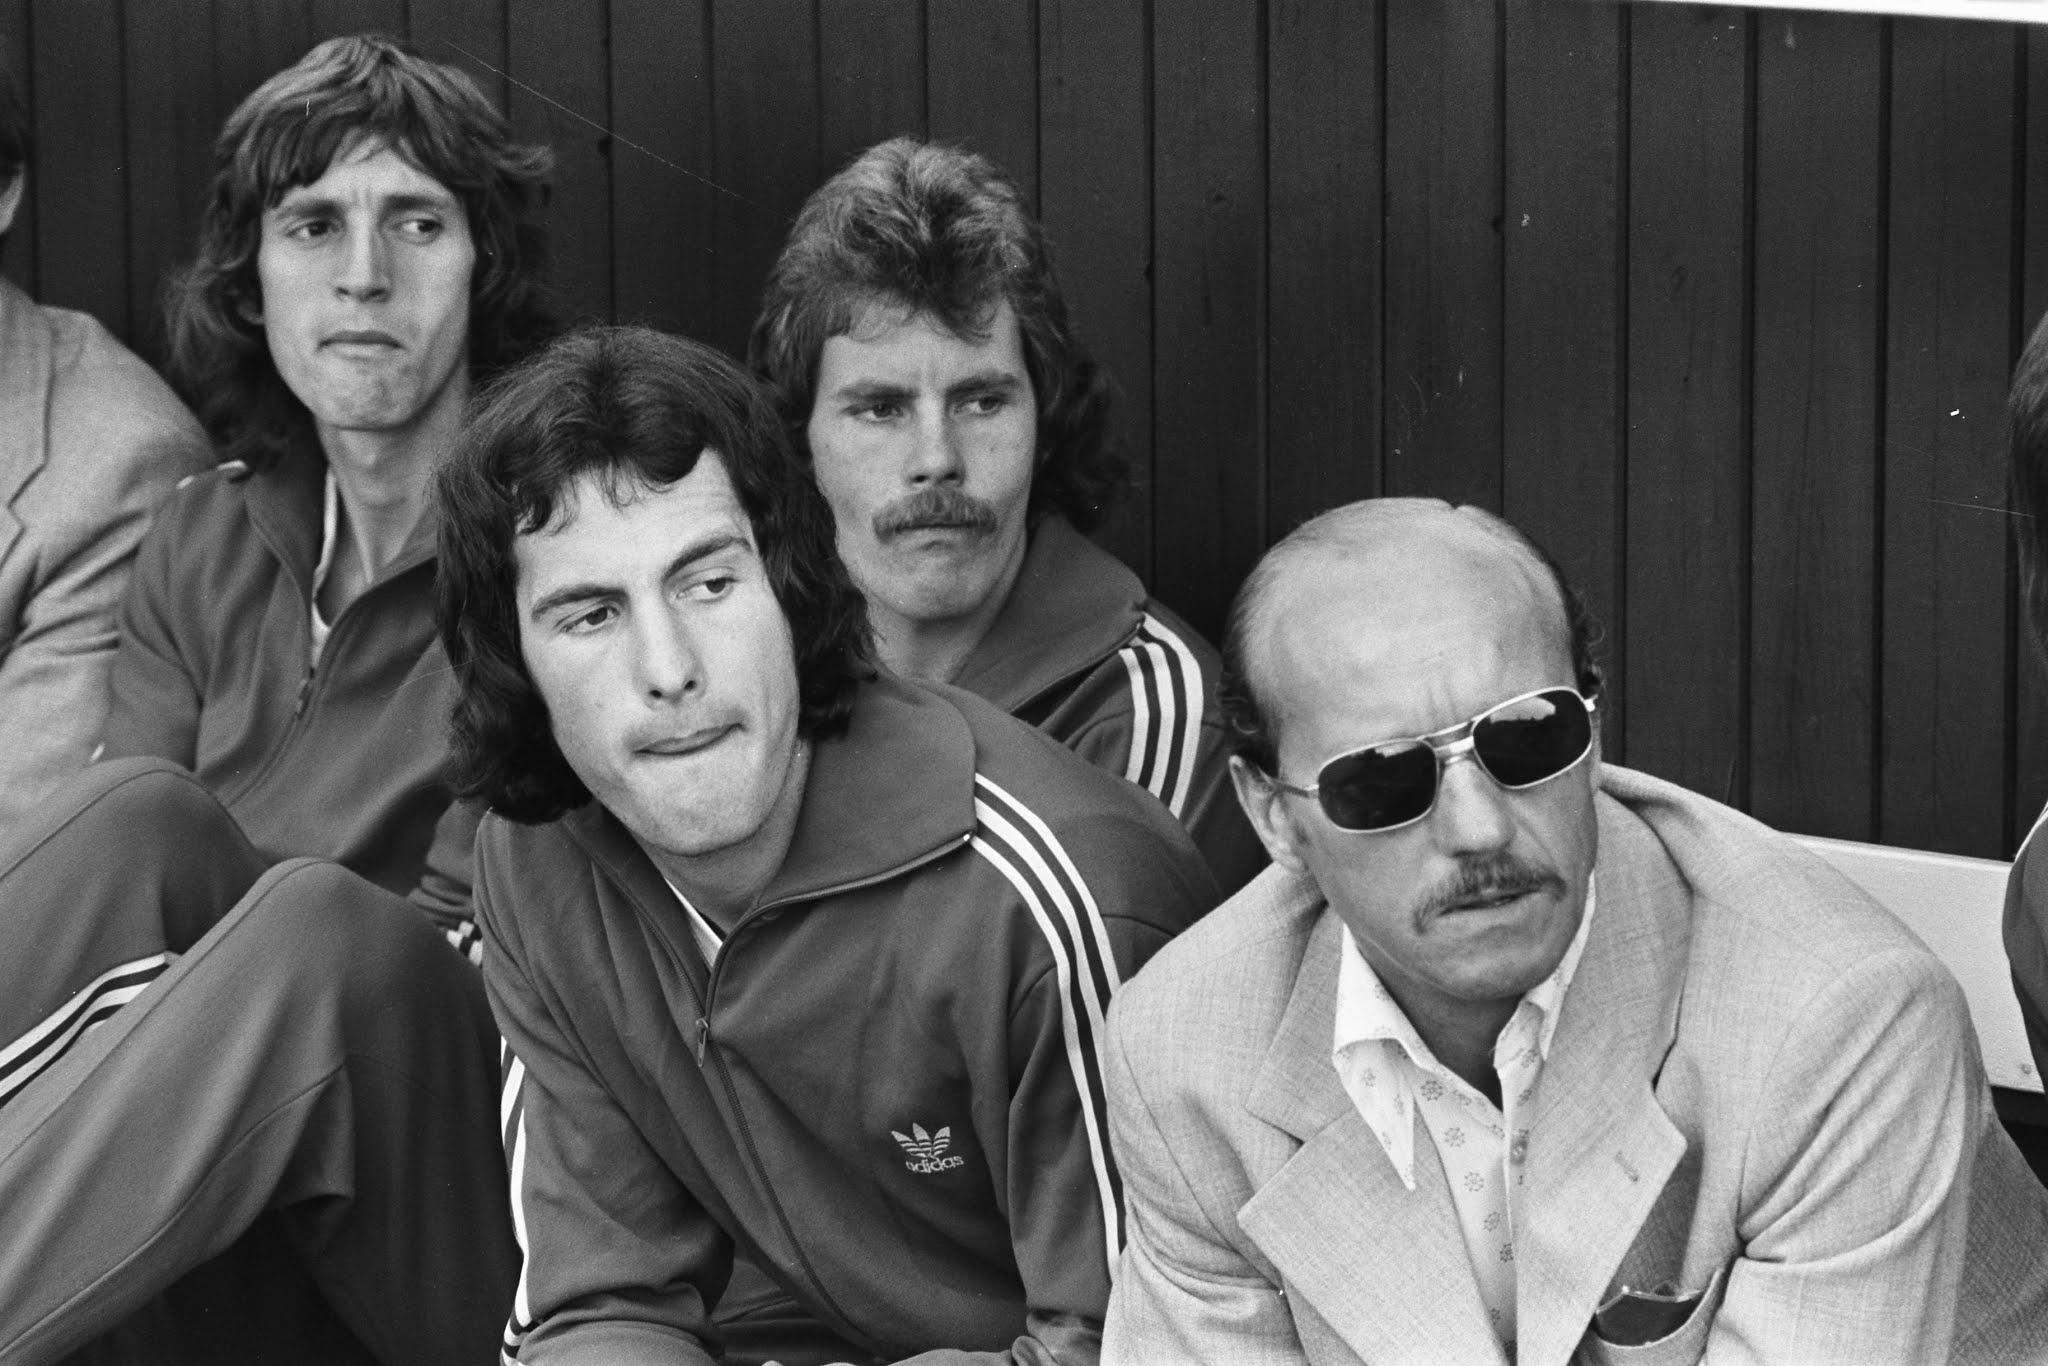 Geoff Wegerle, Steve Wegerle en Antoni Brzeżańczyk